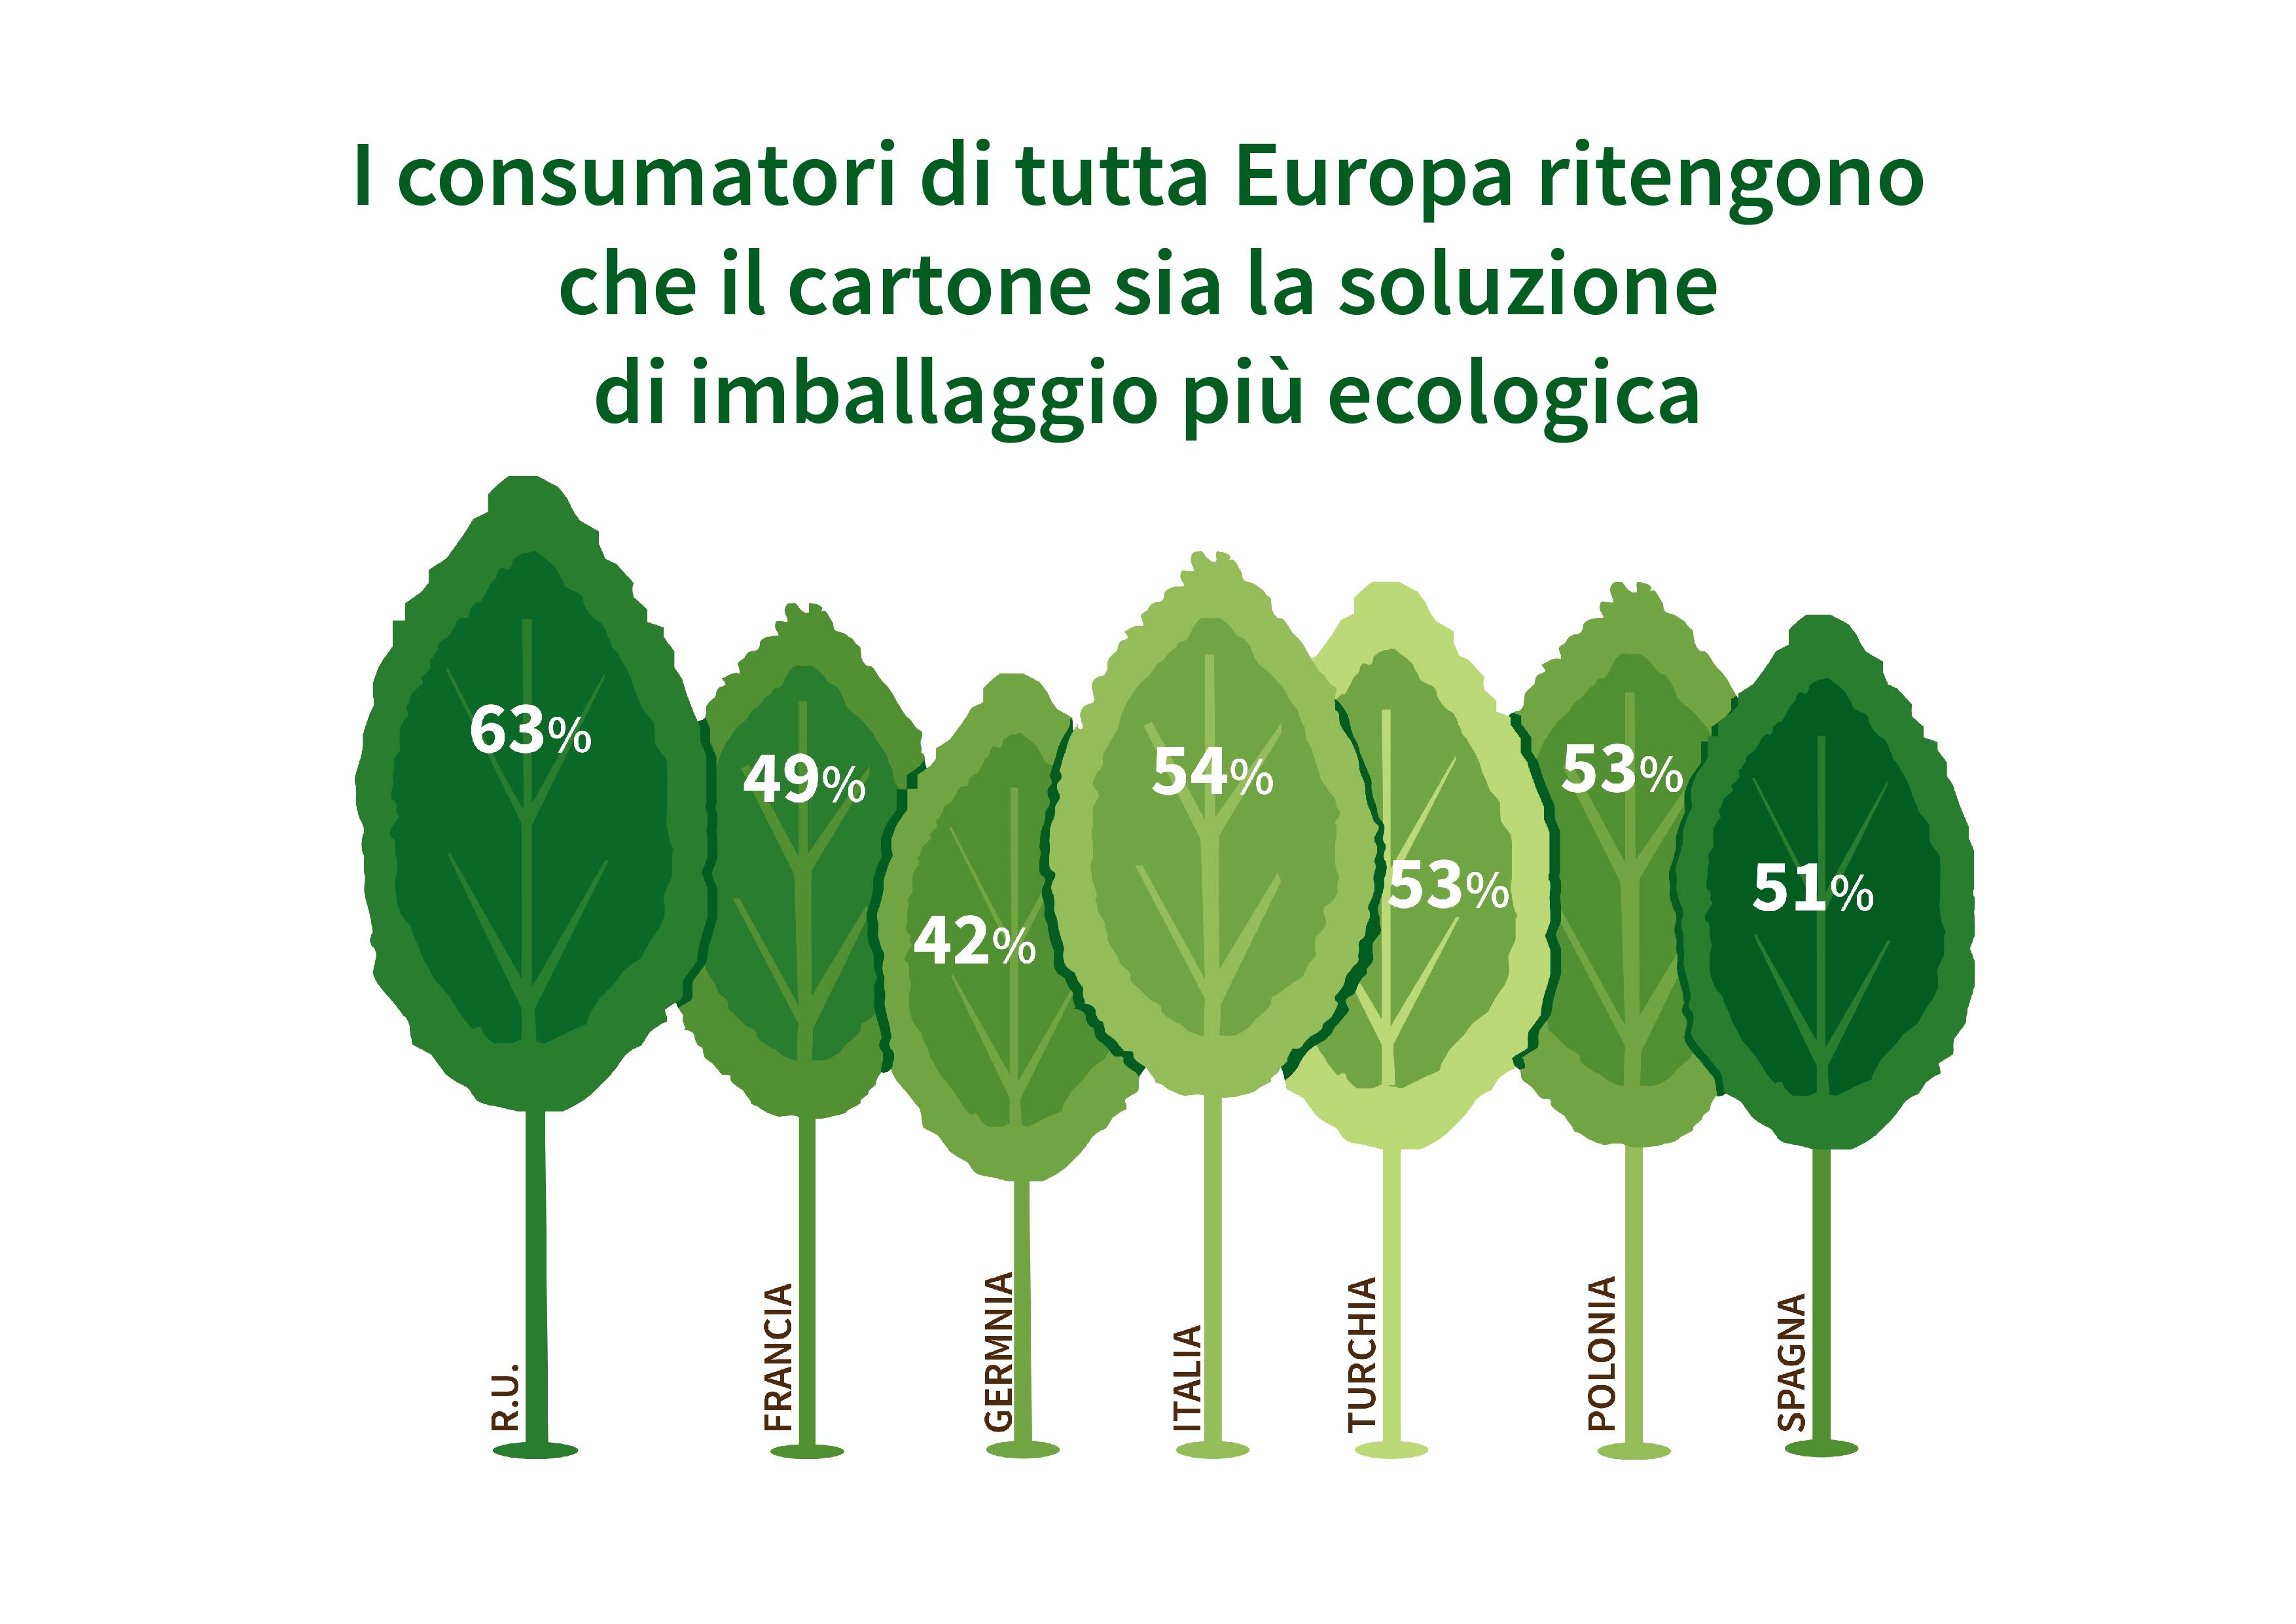 Infografica dallo studio sulla percezione del packaging da parte dei consumatori europei